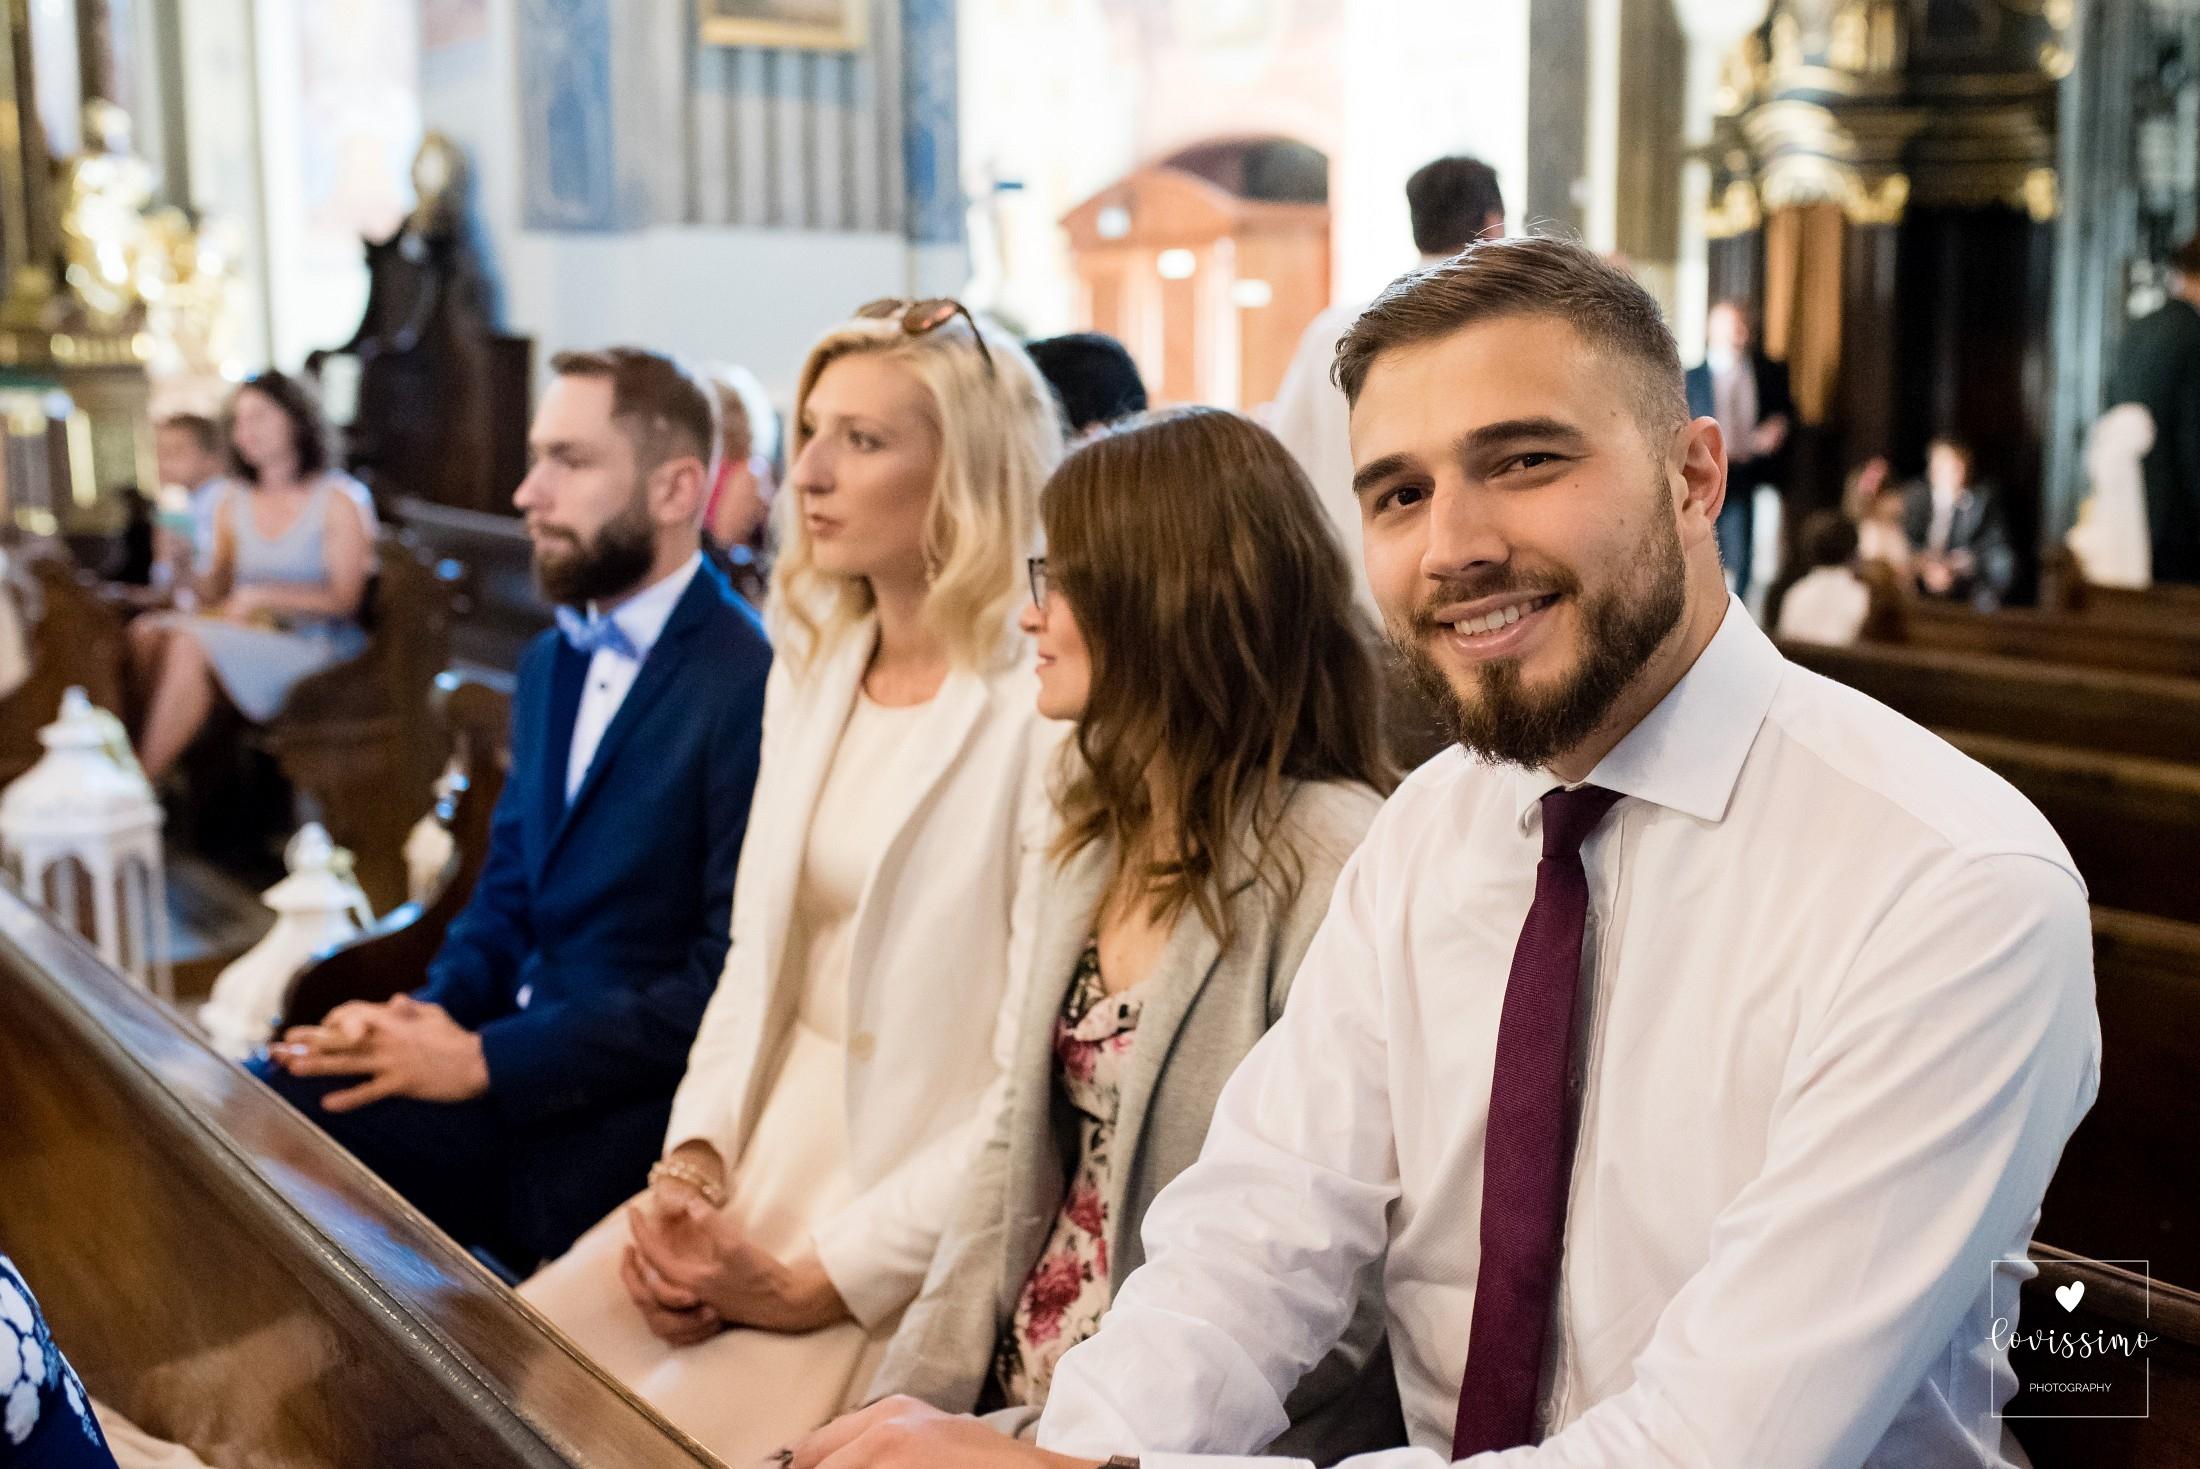 Fotograf ślubny Jarosław, Dębica, Rzeszów. Ślub Asi i Maksa w Jarosławiu